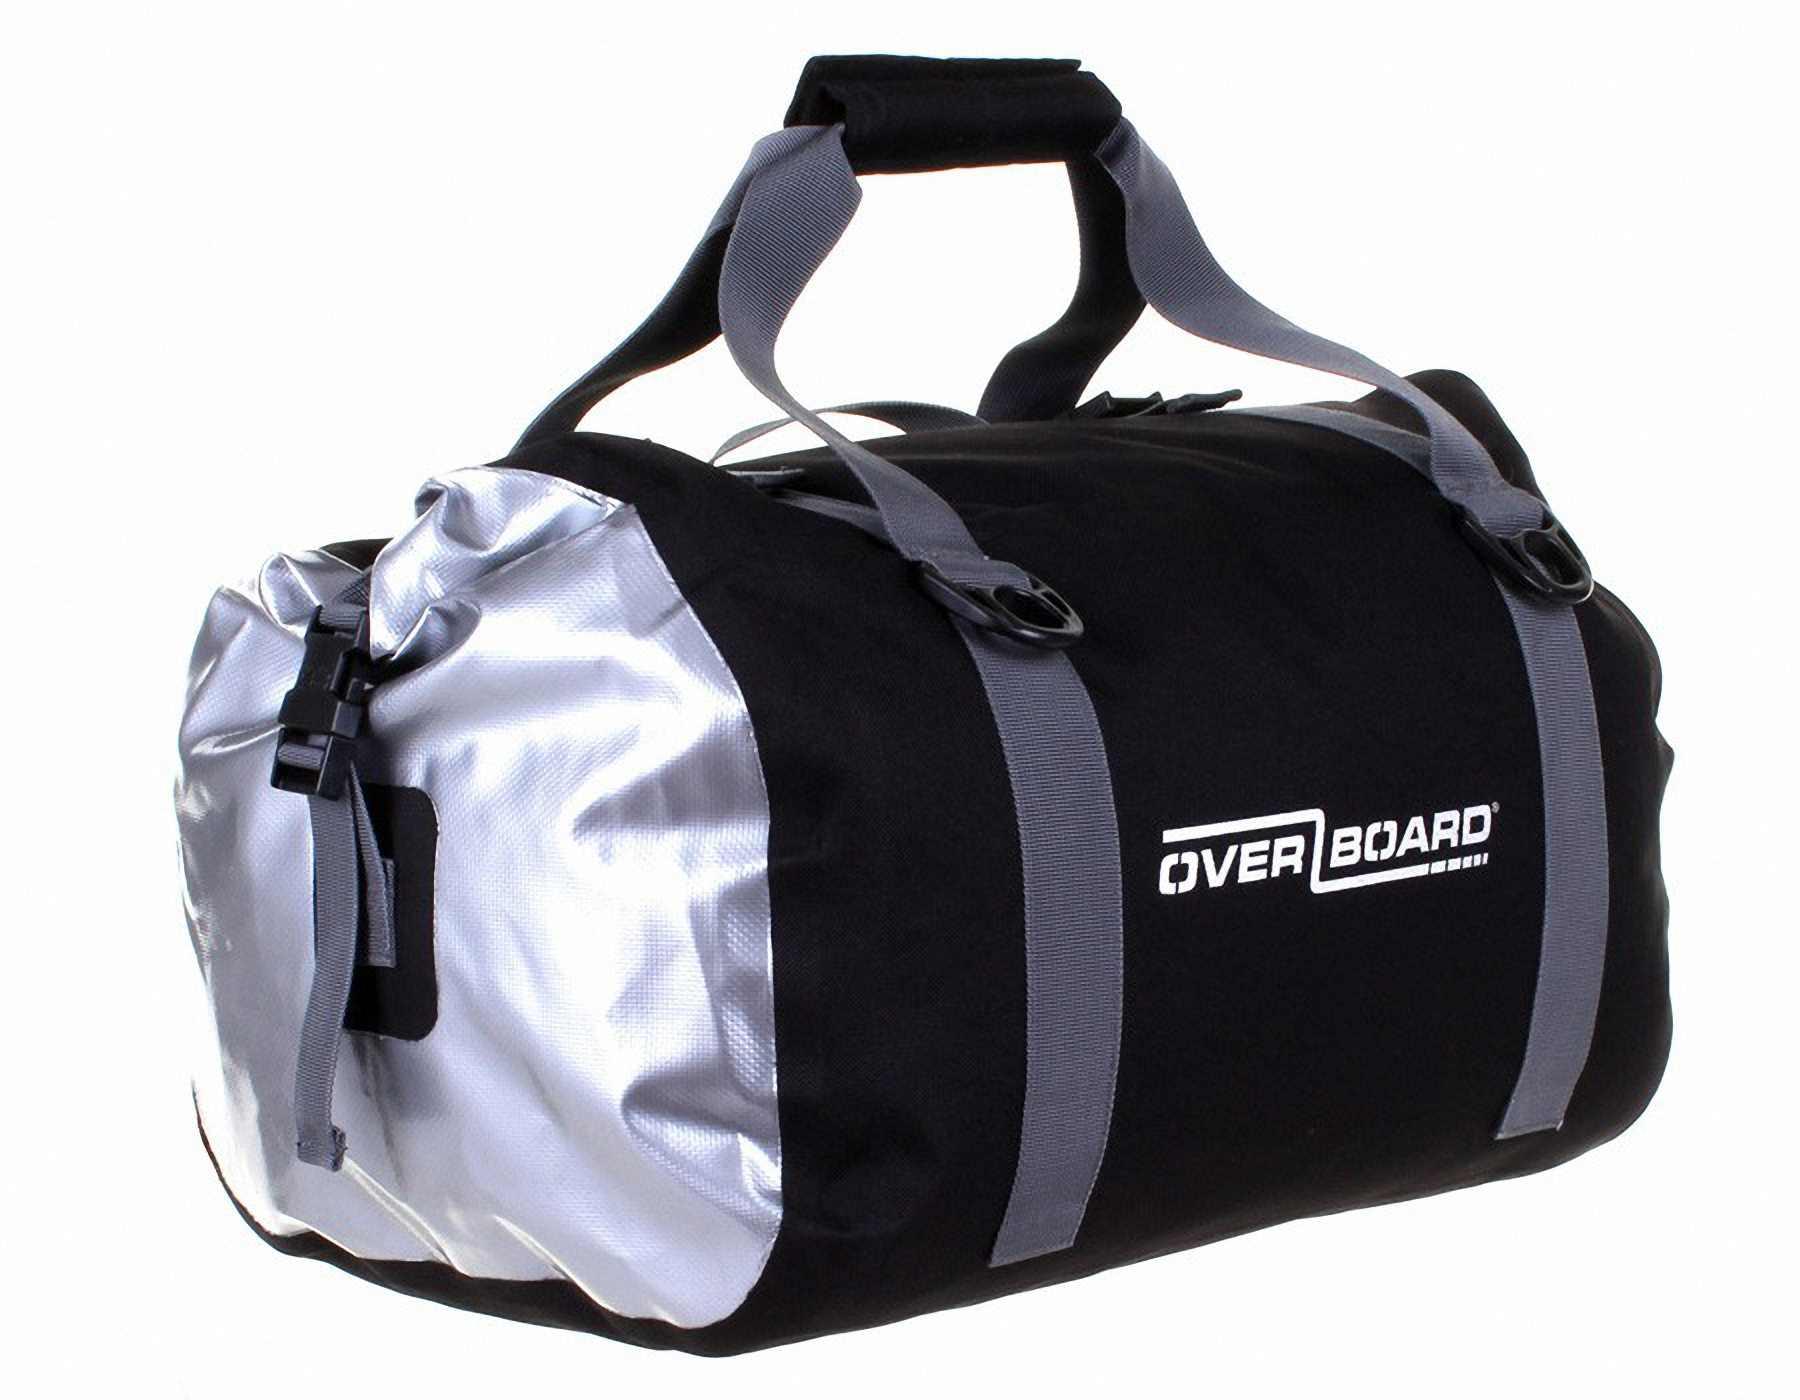 Сумка OverboardСумки<br>Тип изделия: сумка,<br>Объем: 40,<br>Форм-фактор: сумка,<br>Спортивная сумка: есть,<br>Размеры: 230х520х320,<br>Длина (мм): 520,<br>Высота: 230,<br>Материал: ПВХ,<br>Водонепроницаемость: есть<br>